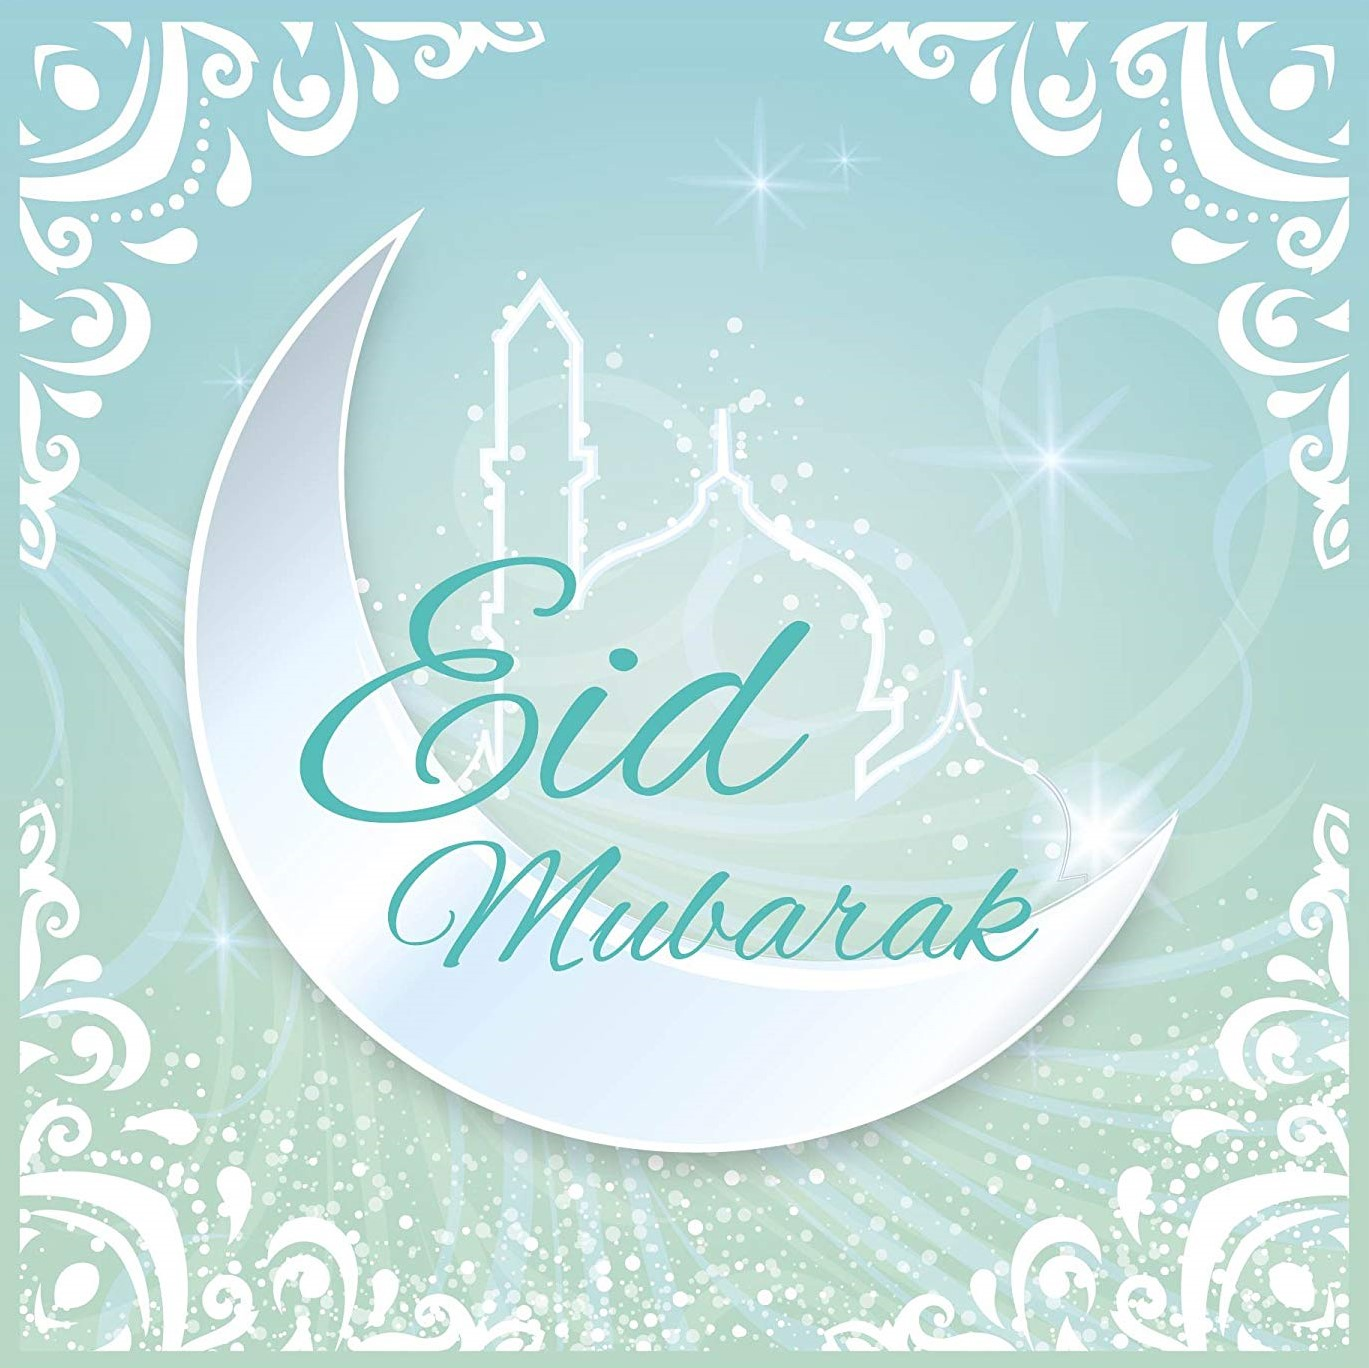 eid al adha 2019 eid mubarak wishes quotes messages